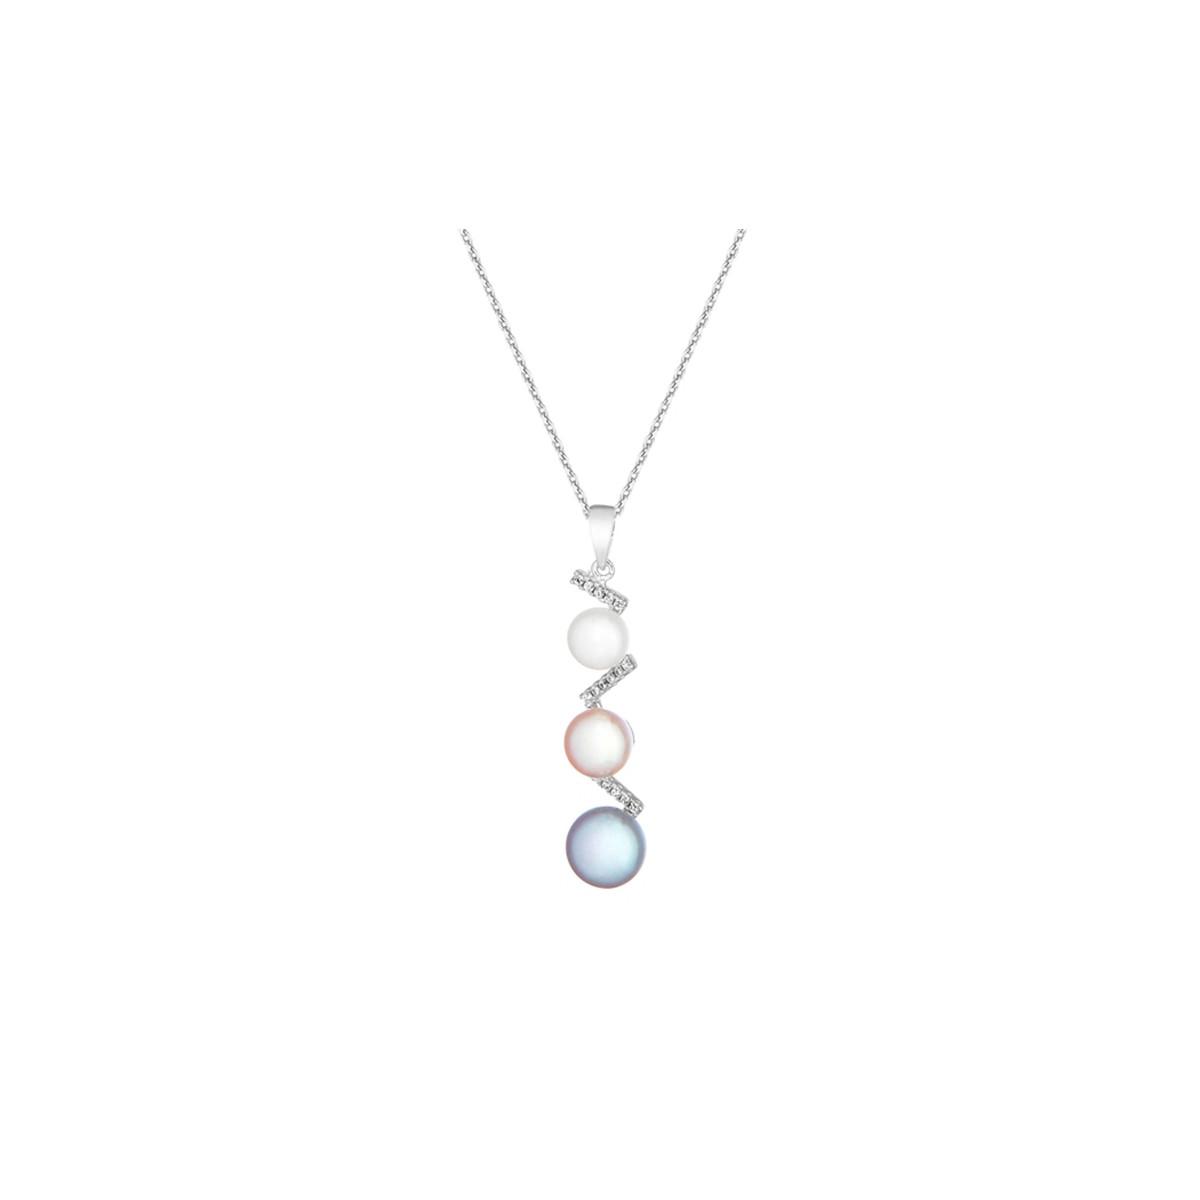 """Pendentif argent, oxydes de zirconium et perles de culture Multicolores """"Tres Perlas"""" + chaîne argent offerte"""